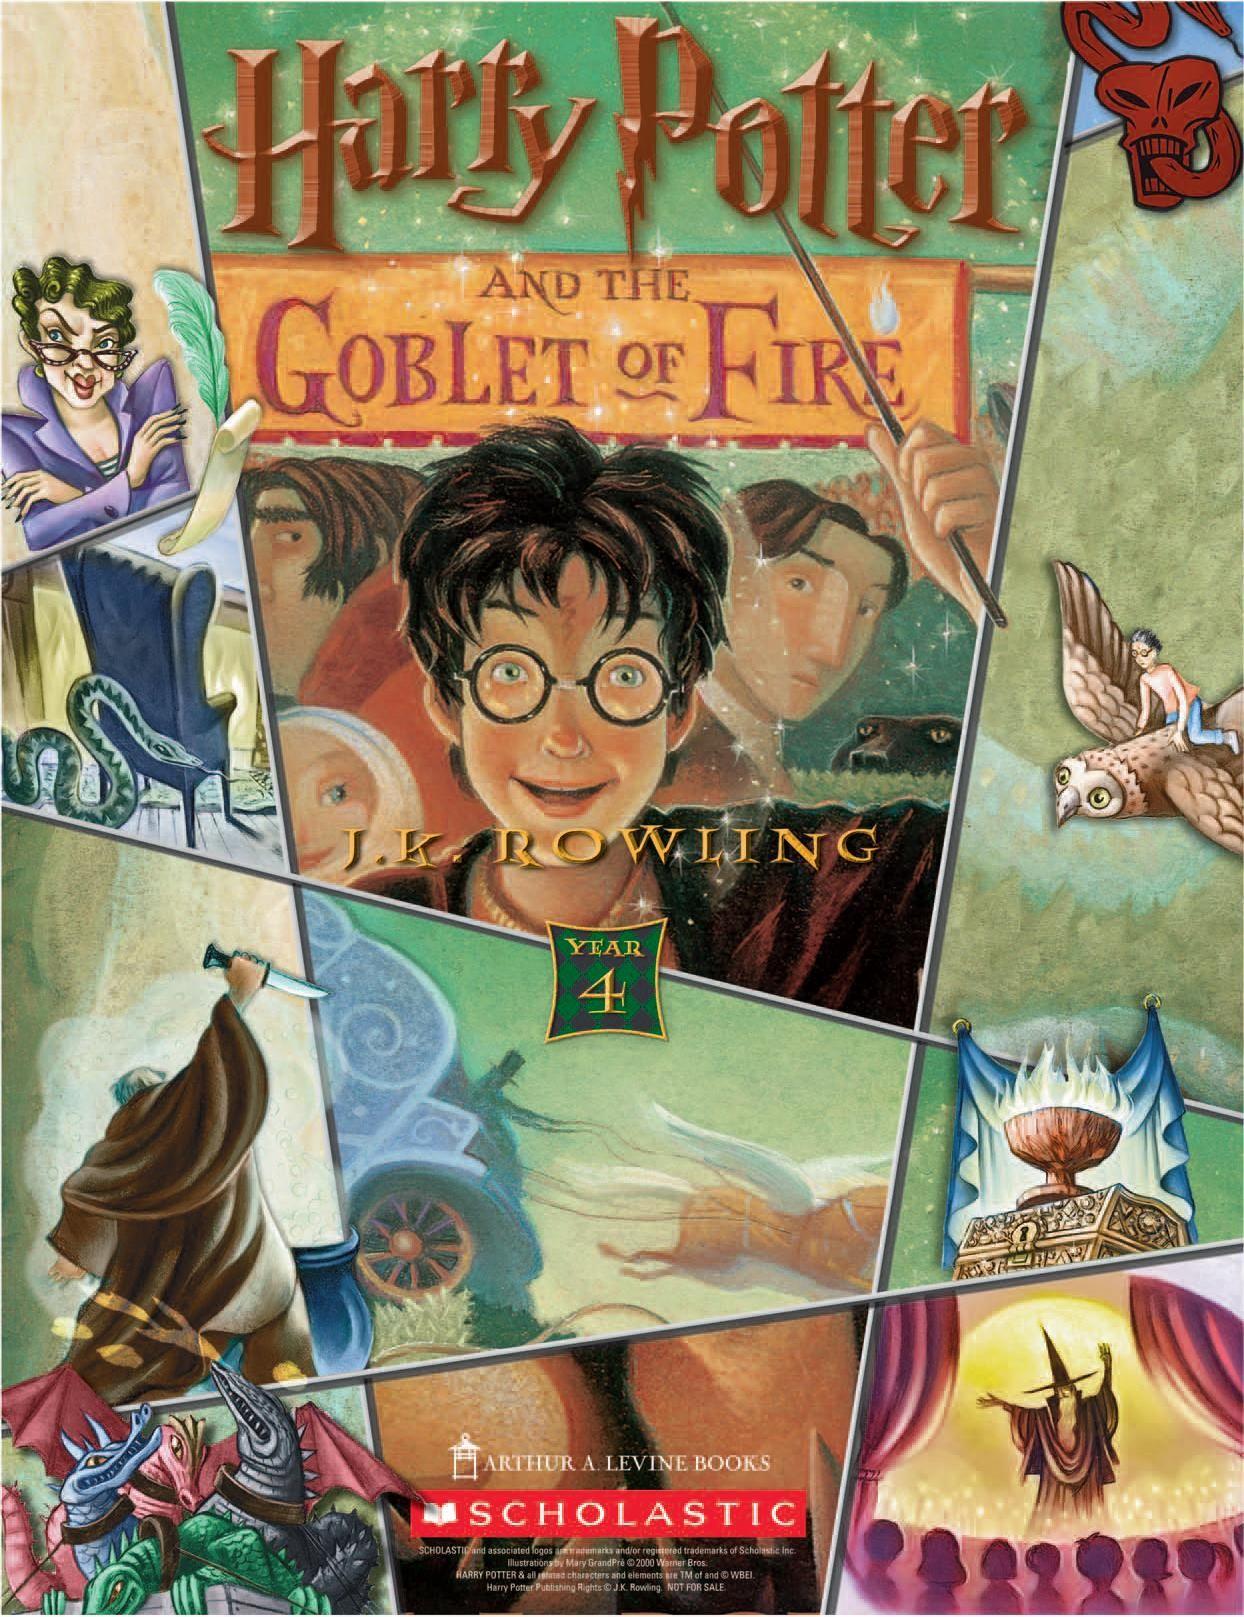 кардашьян картинки по книге гарри поттер и кубок огня должен быть мягкий